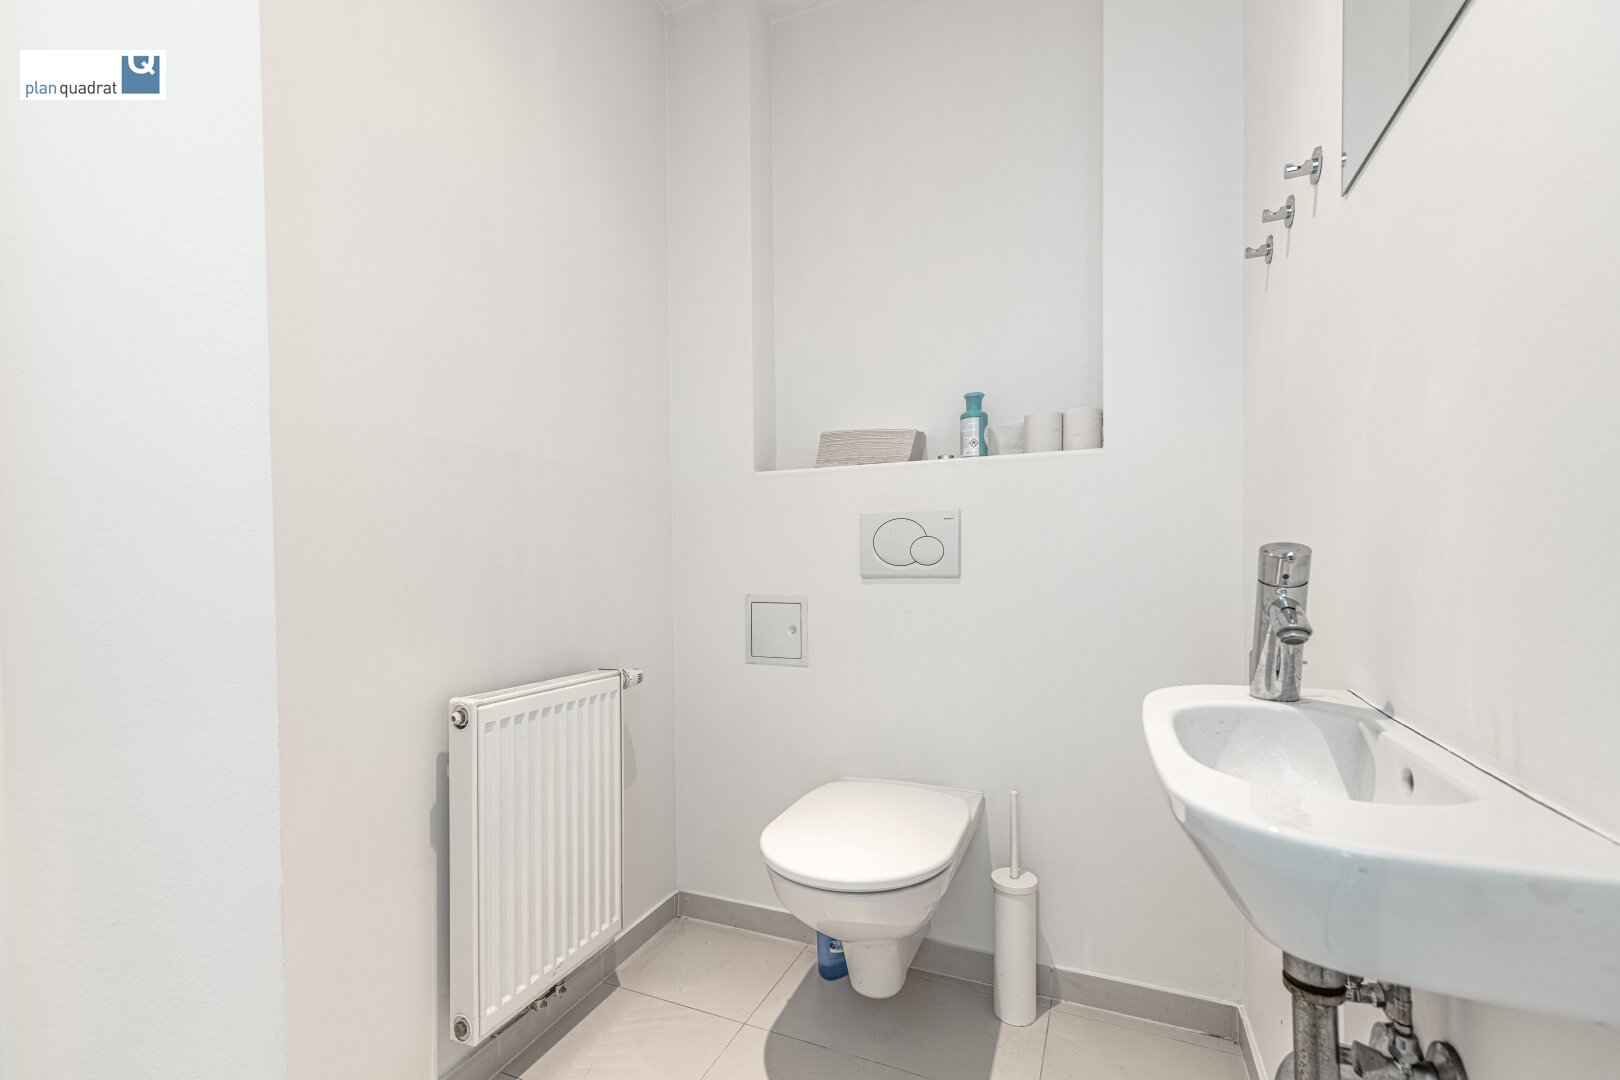 Toilette (ca. 1,80 m²) - mit Handwaschbecken